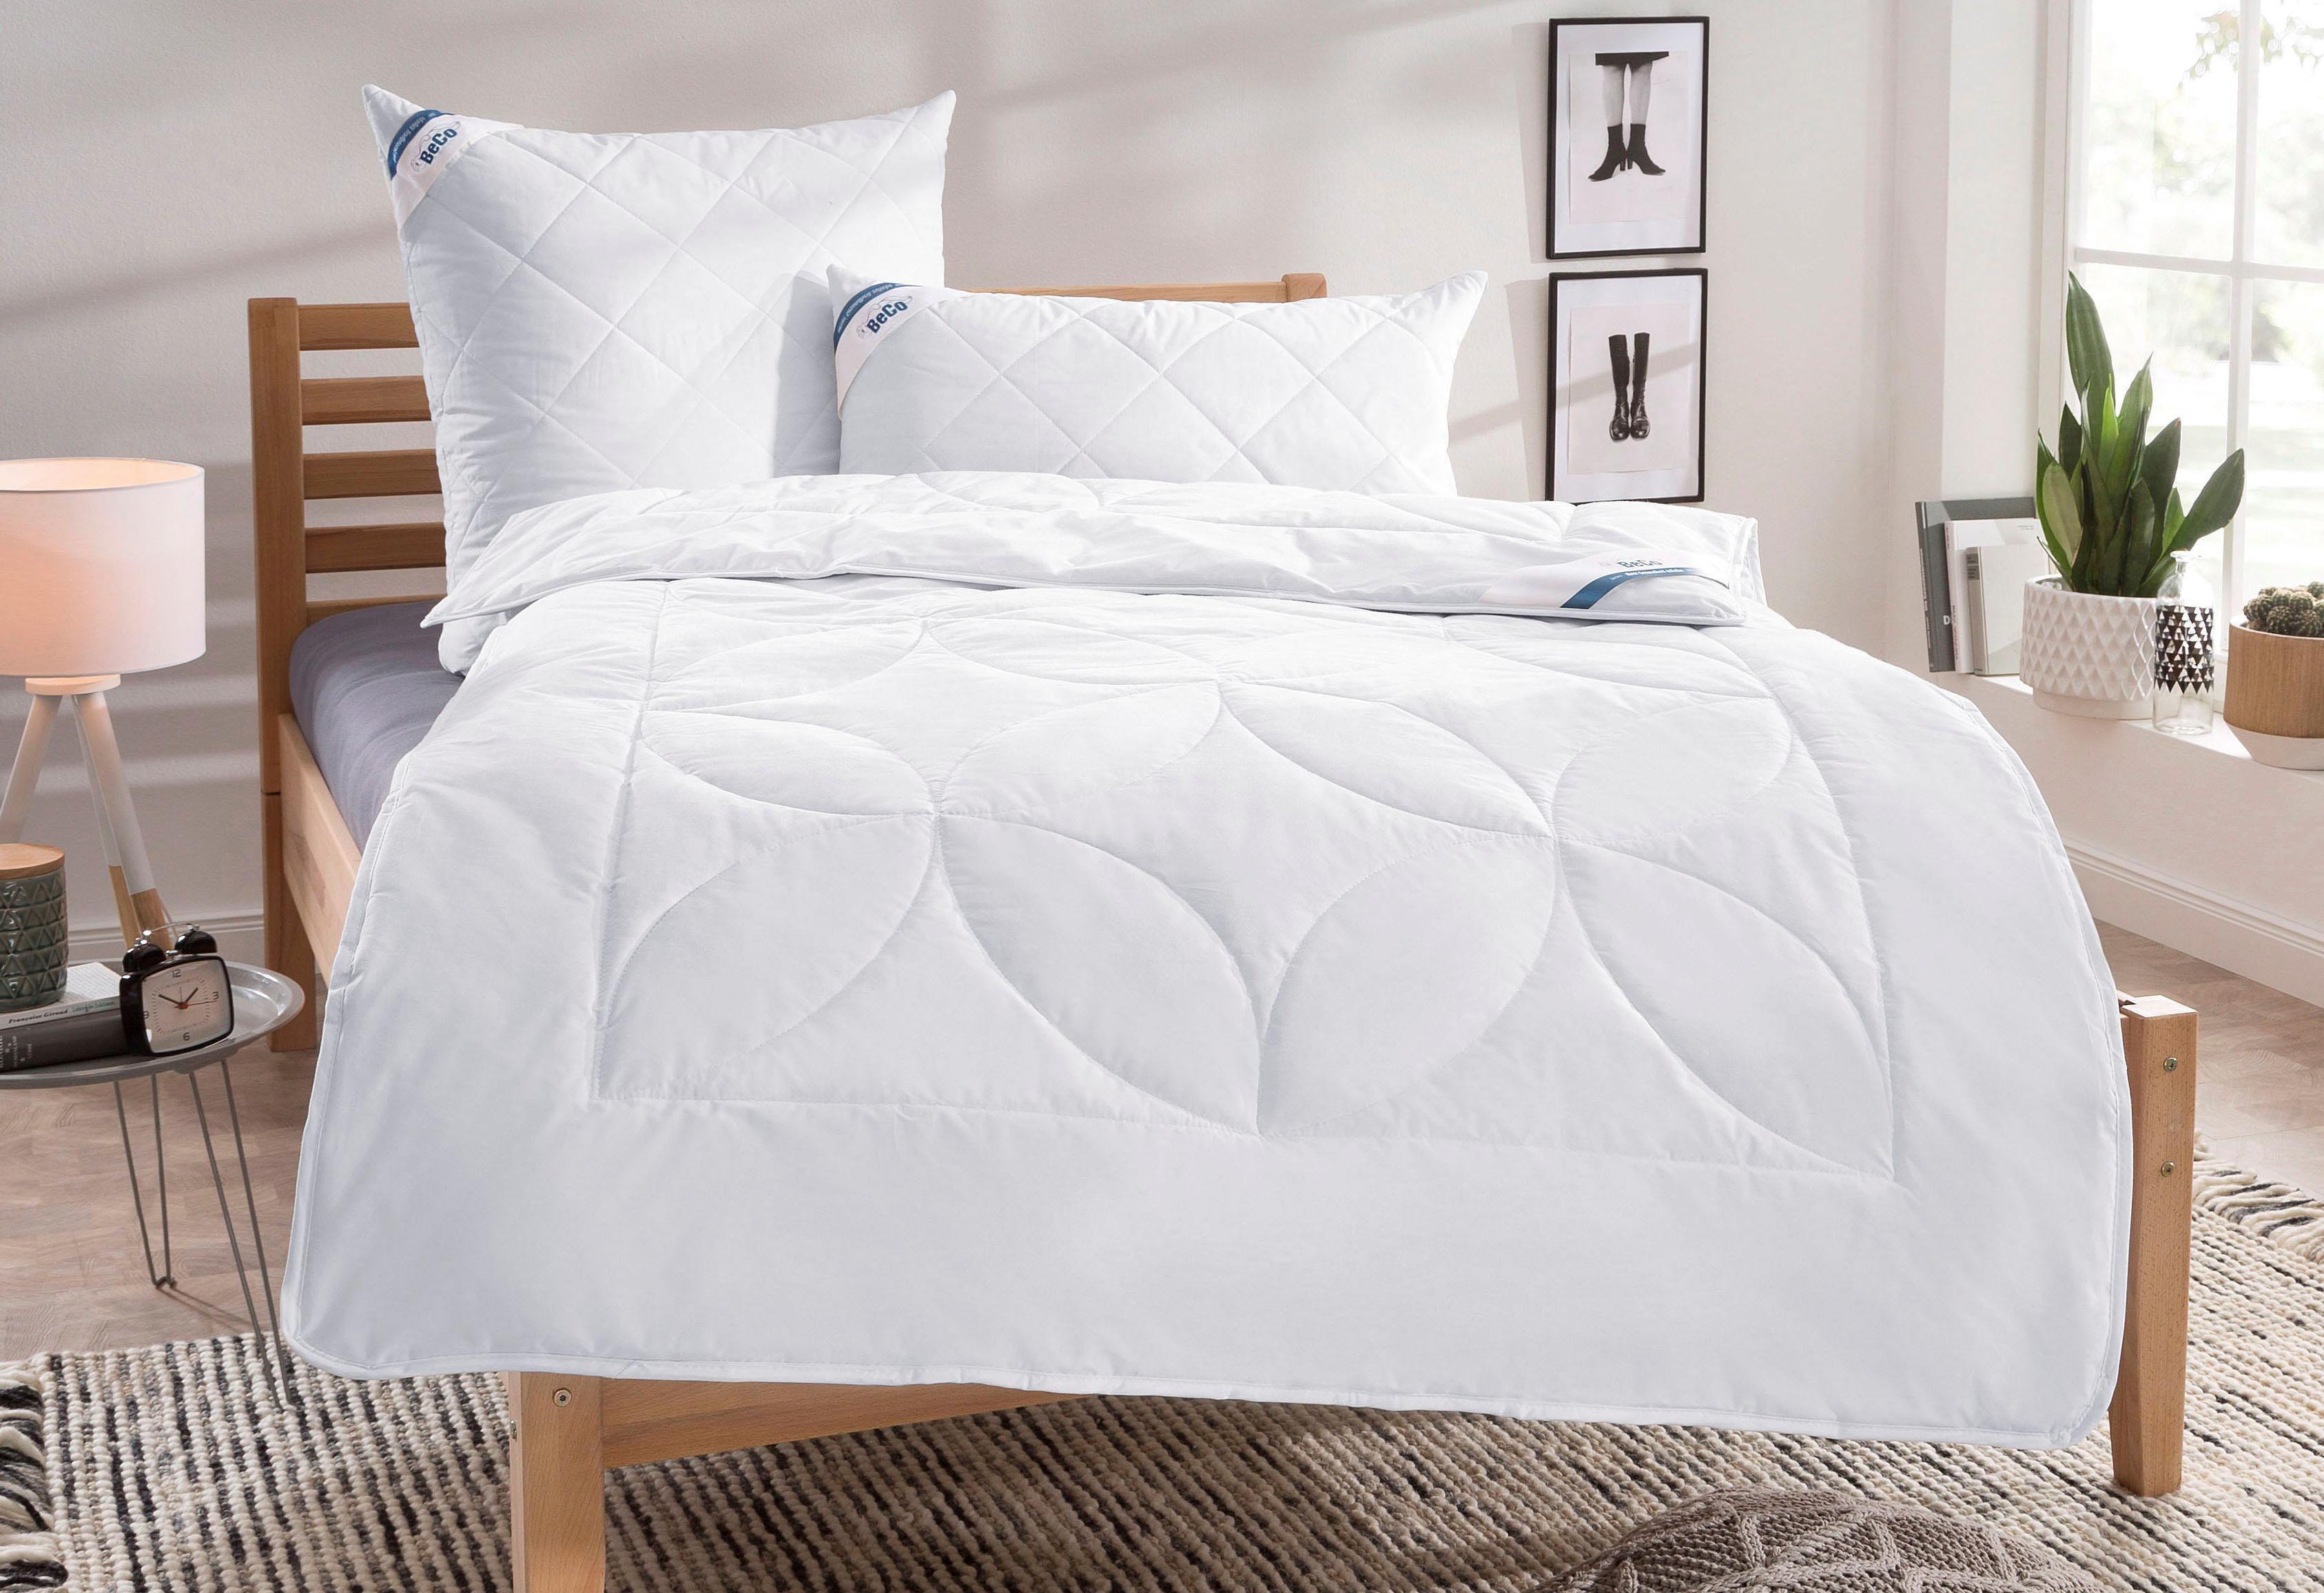 Bettdeckenset BeCo Schurwolle 100 Beco 4-Jahreszeiten - natürliches Bettklima und waschbar bis 30°